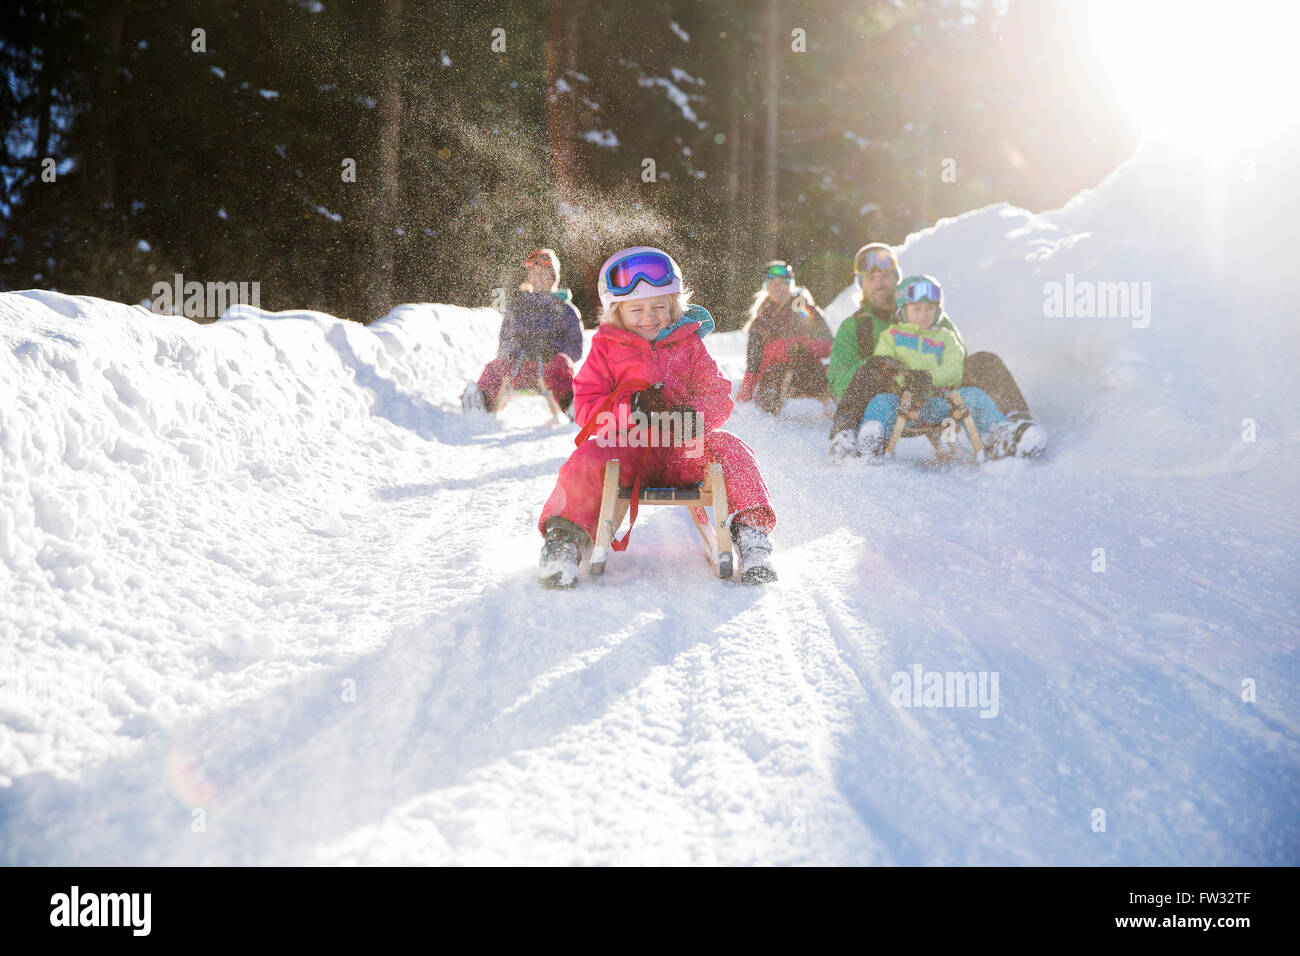 Les filles, les enfants équitation traîneaux avec leur famille, Muttereralm Innsbruck, Tyrol, Autriche Photo Stock